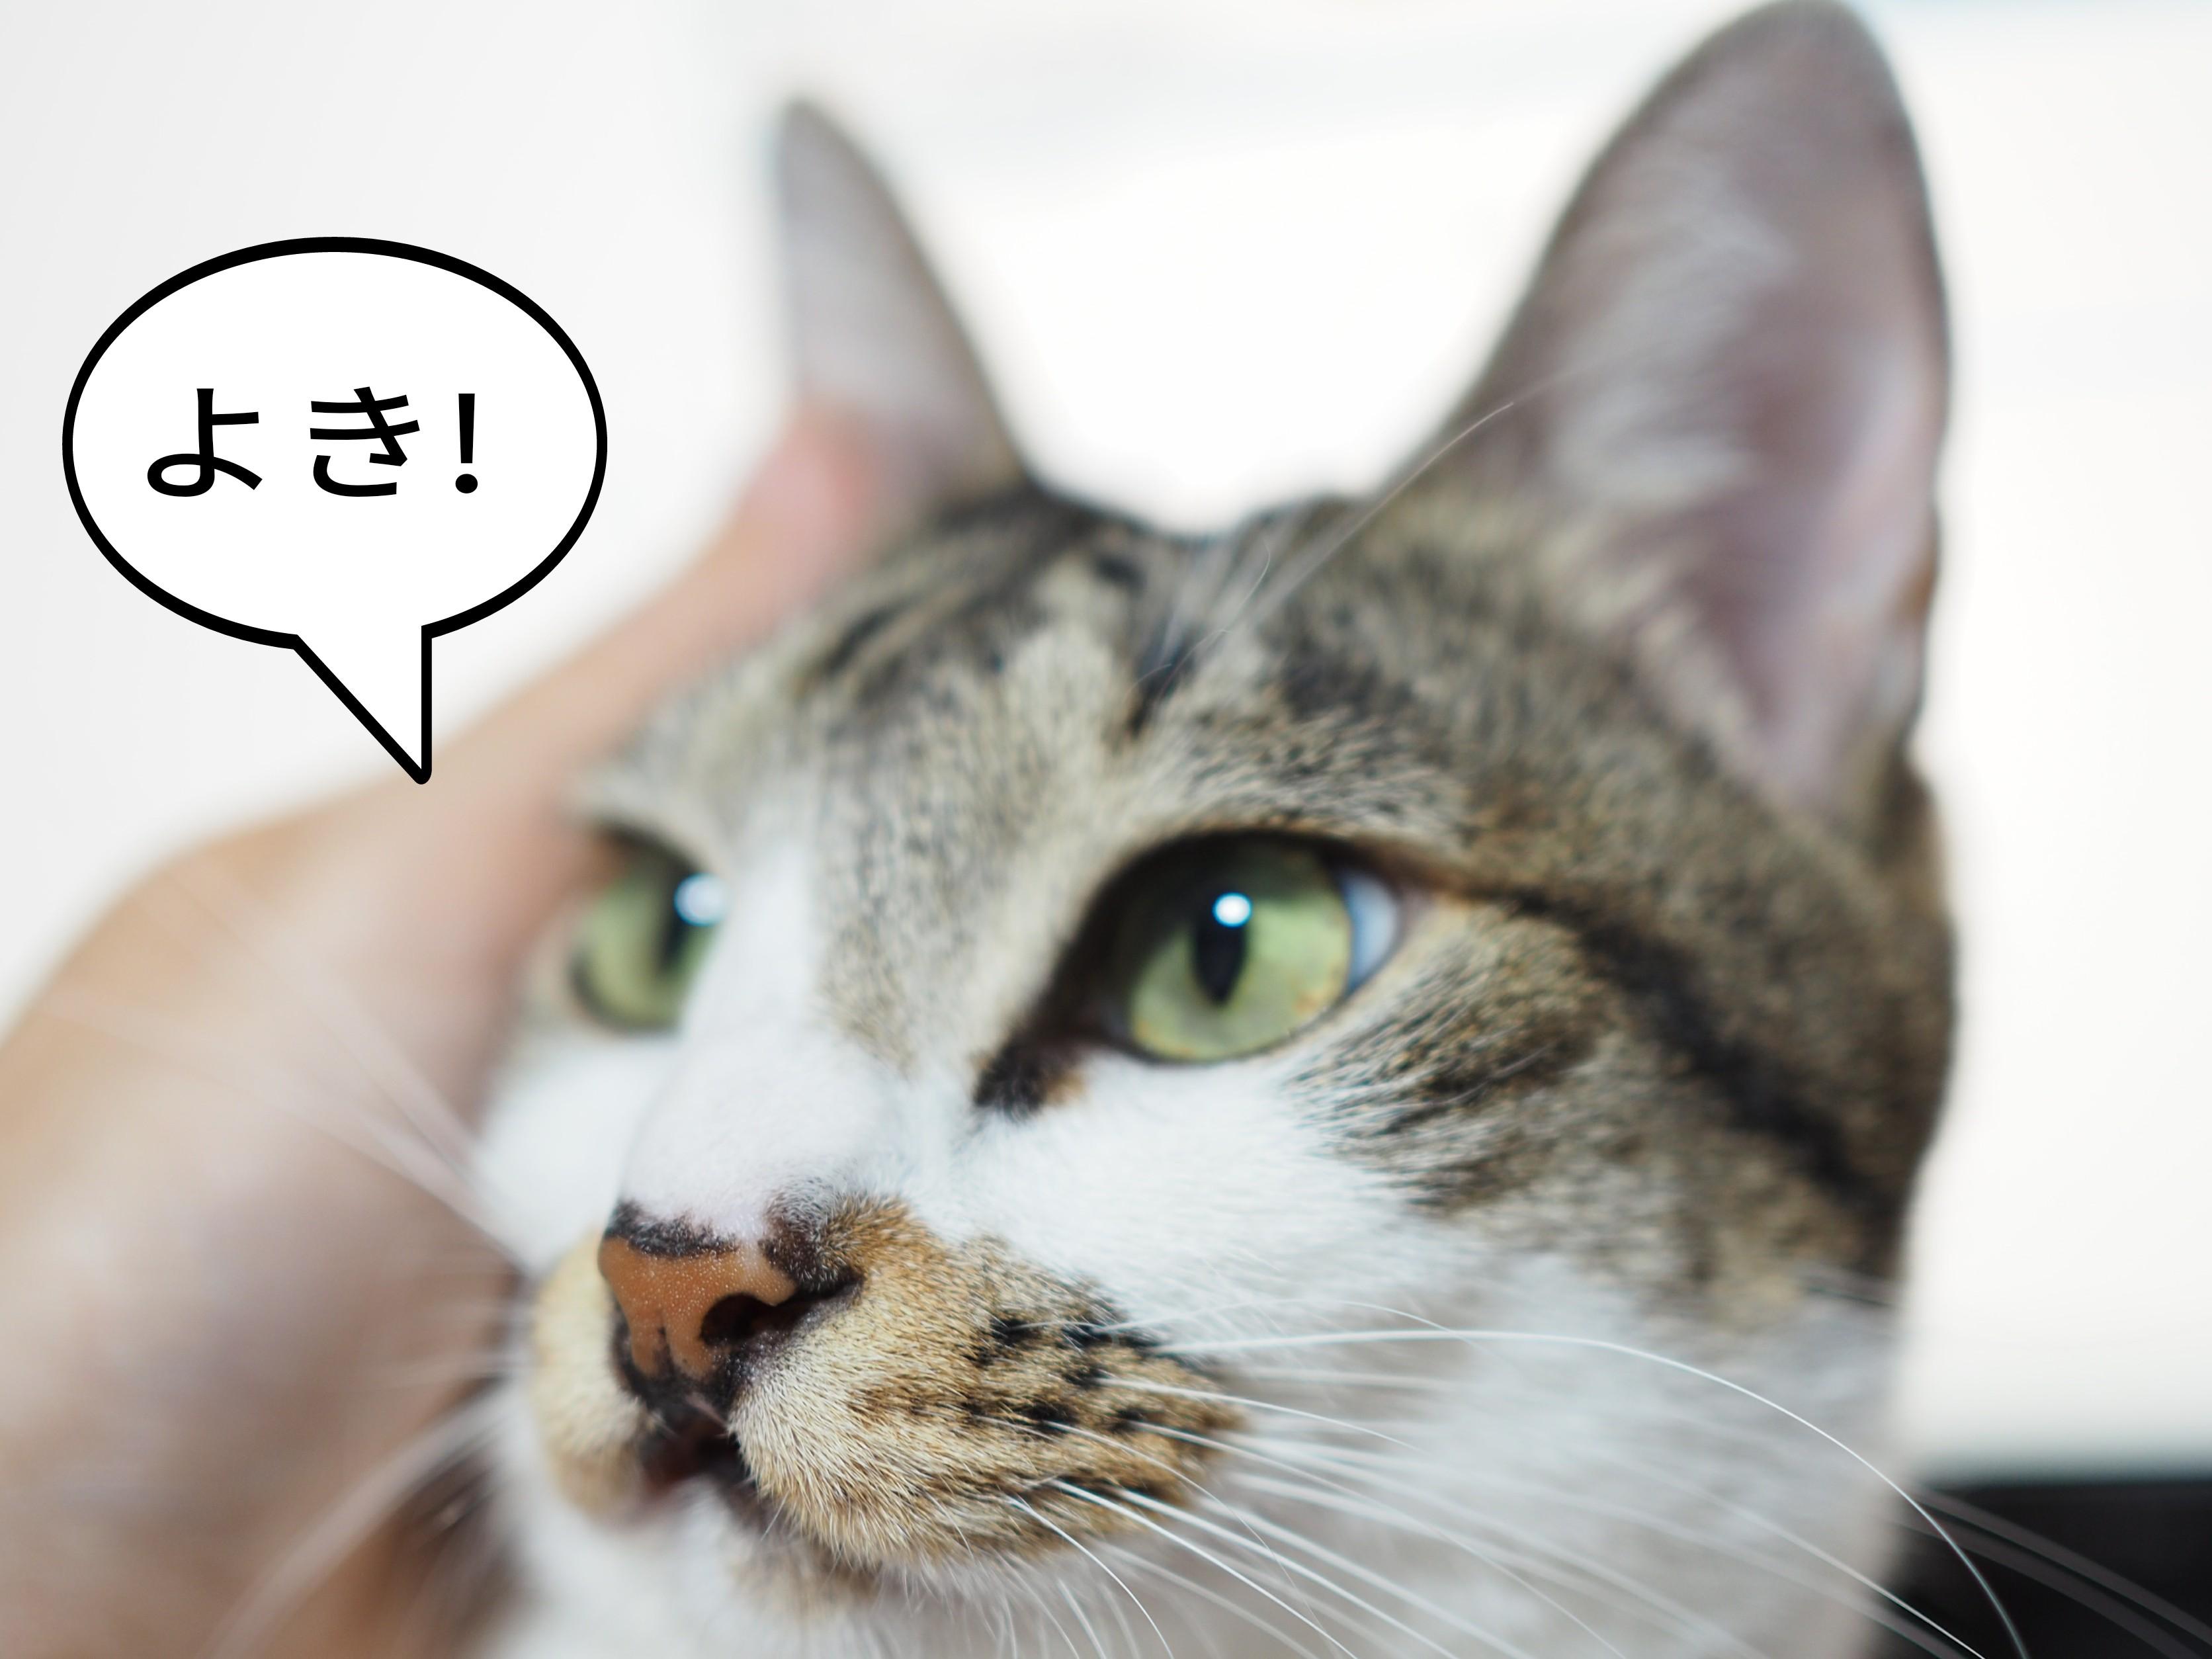 飼い主チコちゃんよりパソコンが好きなの?ゆるりねこblog